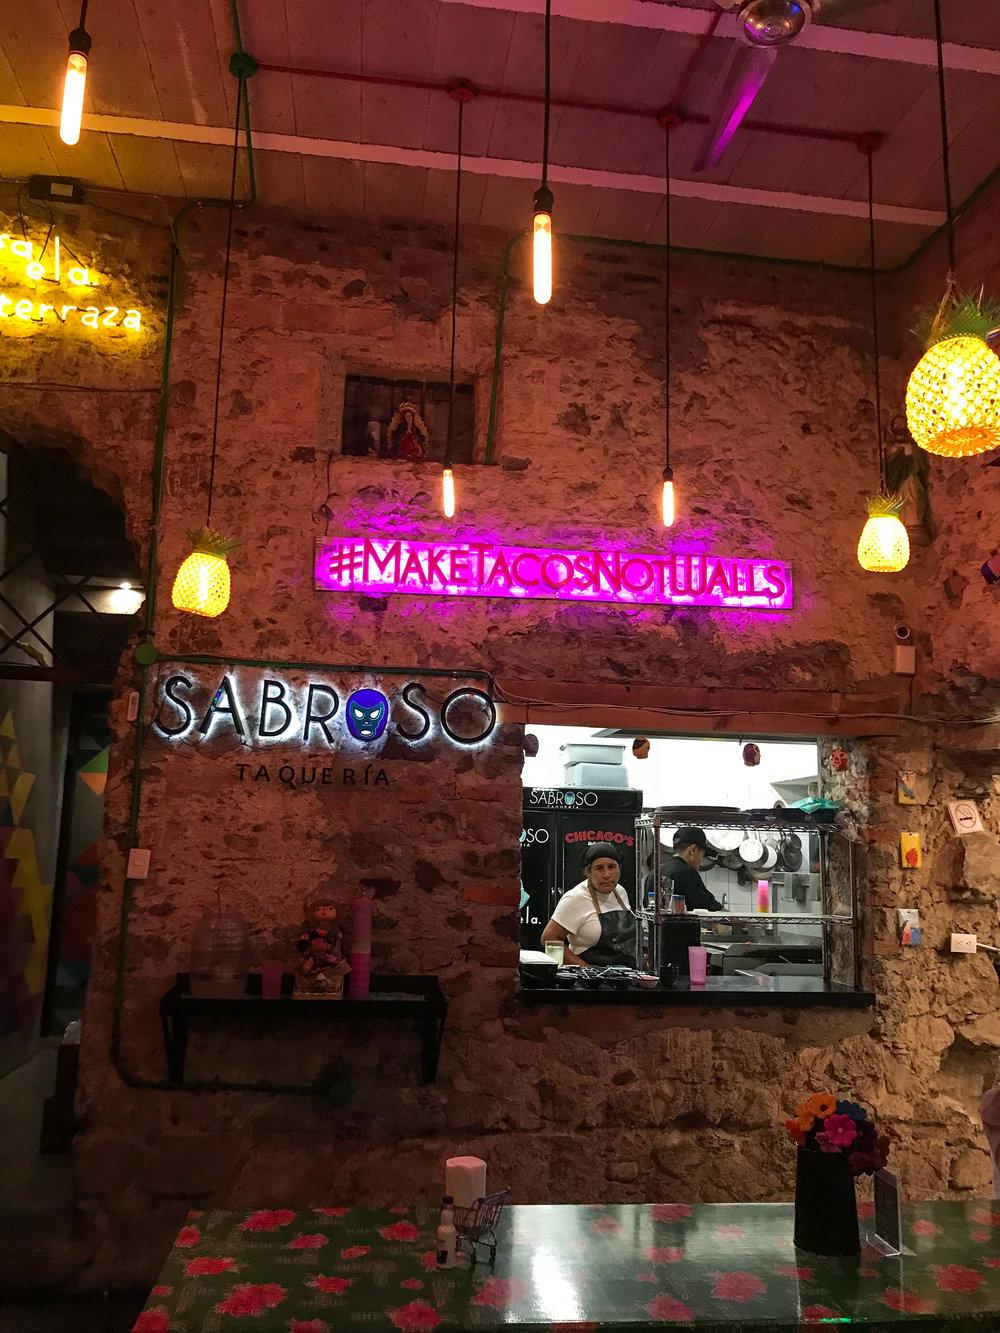 #MakeTacosNotWalls at Sabroso Taqueria in San Miguel de Allende